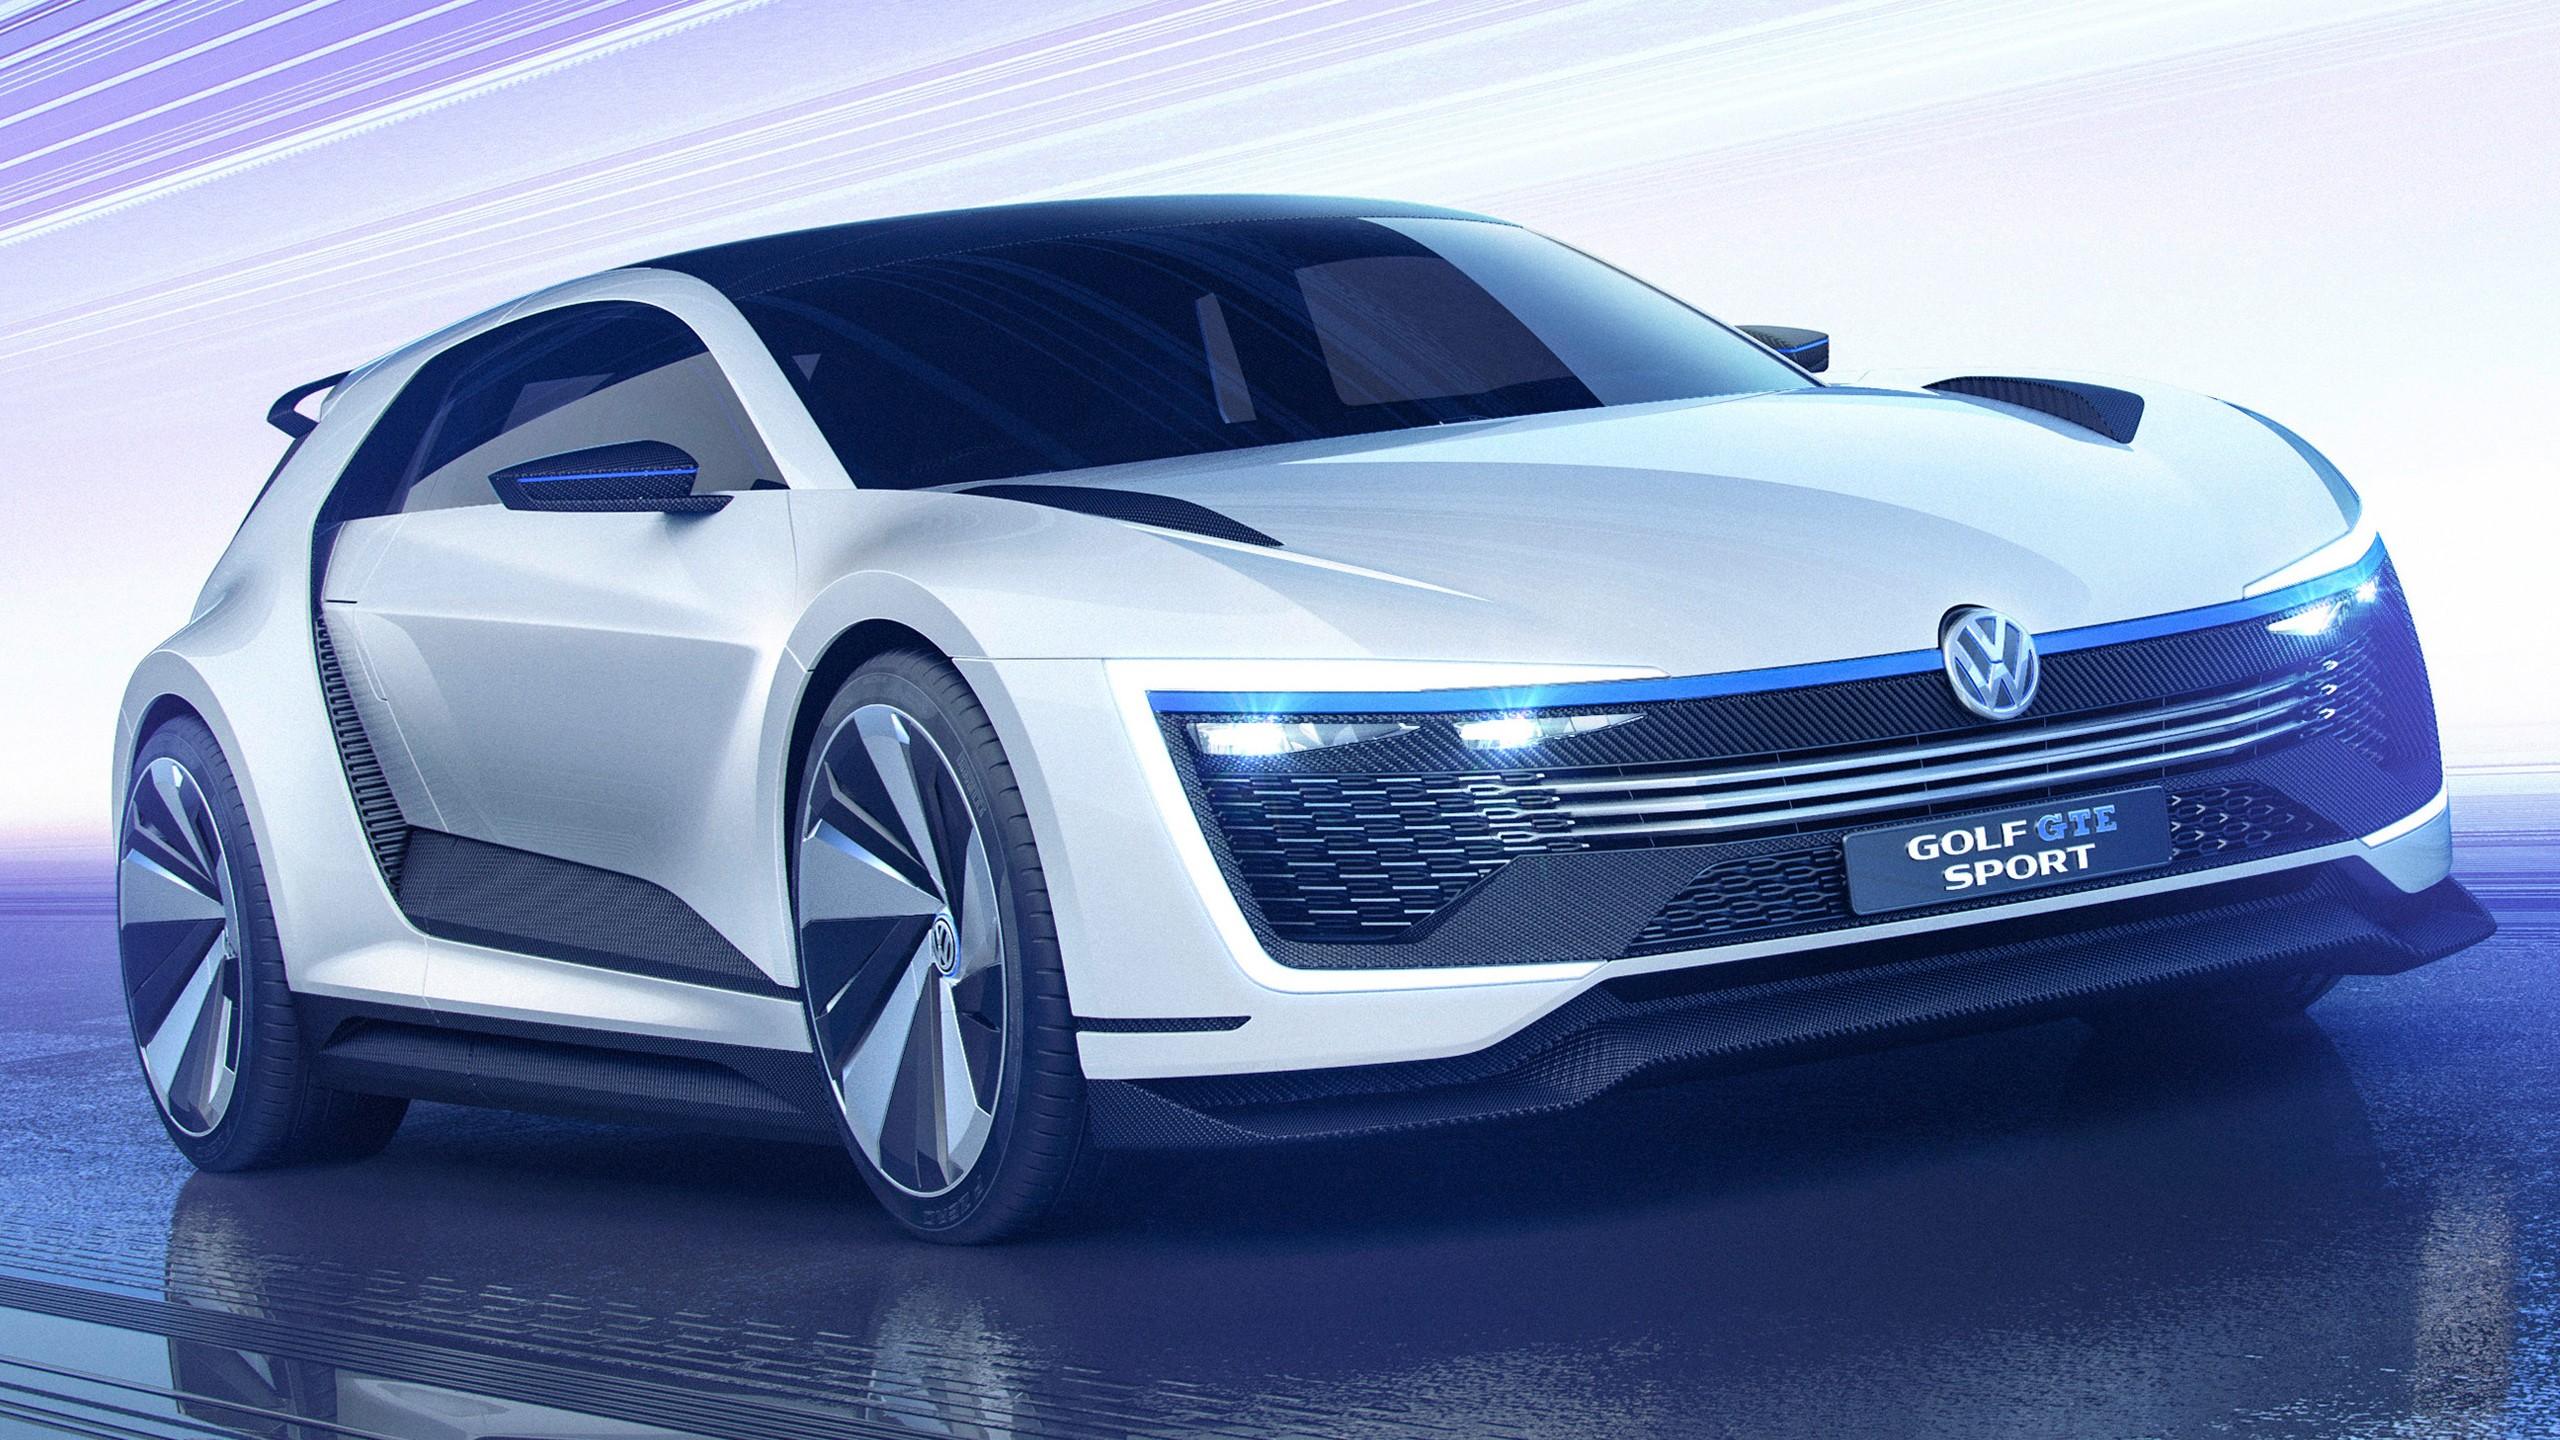 Luxurious Vw Sport Full Hd Car Wallpapers: 2015 Volkswagen Golf GTE Sport Concept Wallpaper